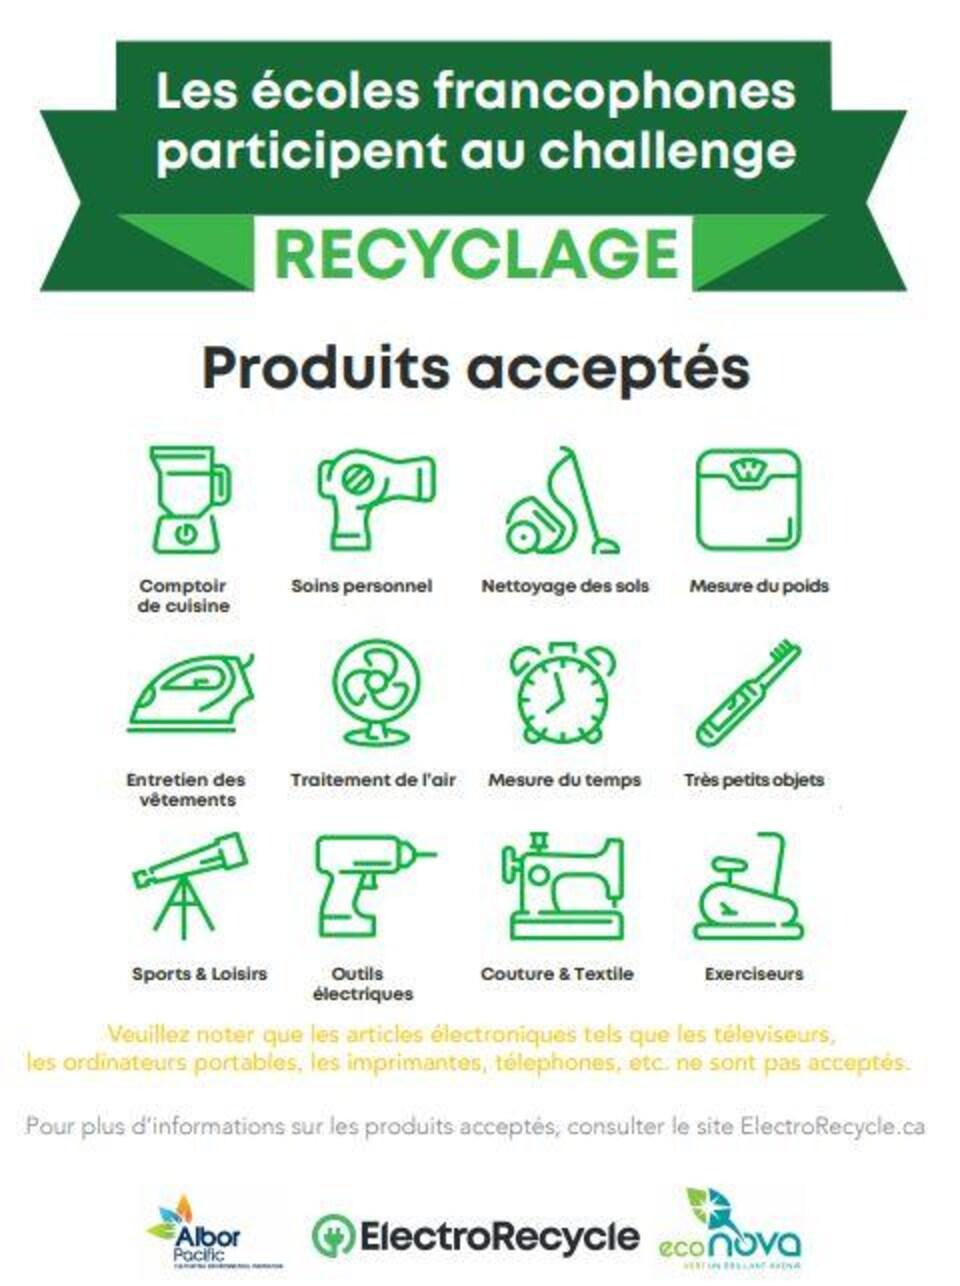 Sur fond blanc, il est écrit en vert: les écoles francophones participent au challenge Recyclage. Et des dessins de divers petits appareils électroménagers sous le titre: Produits acceptés.